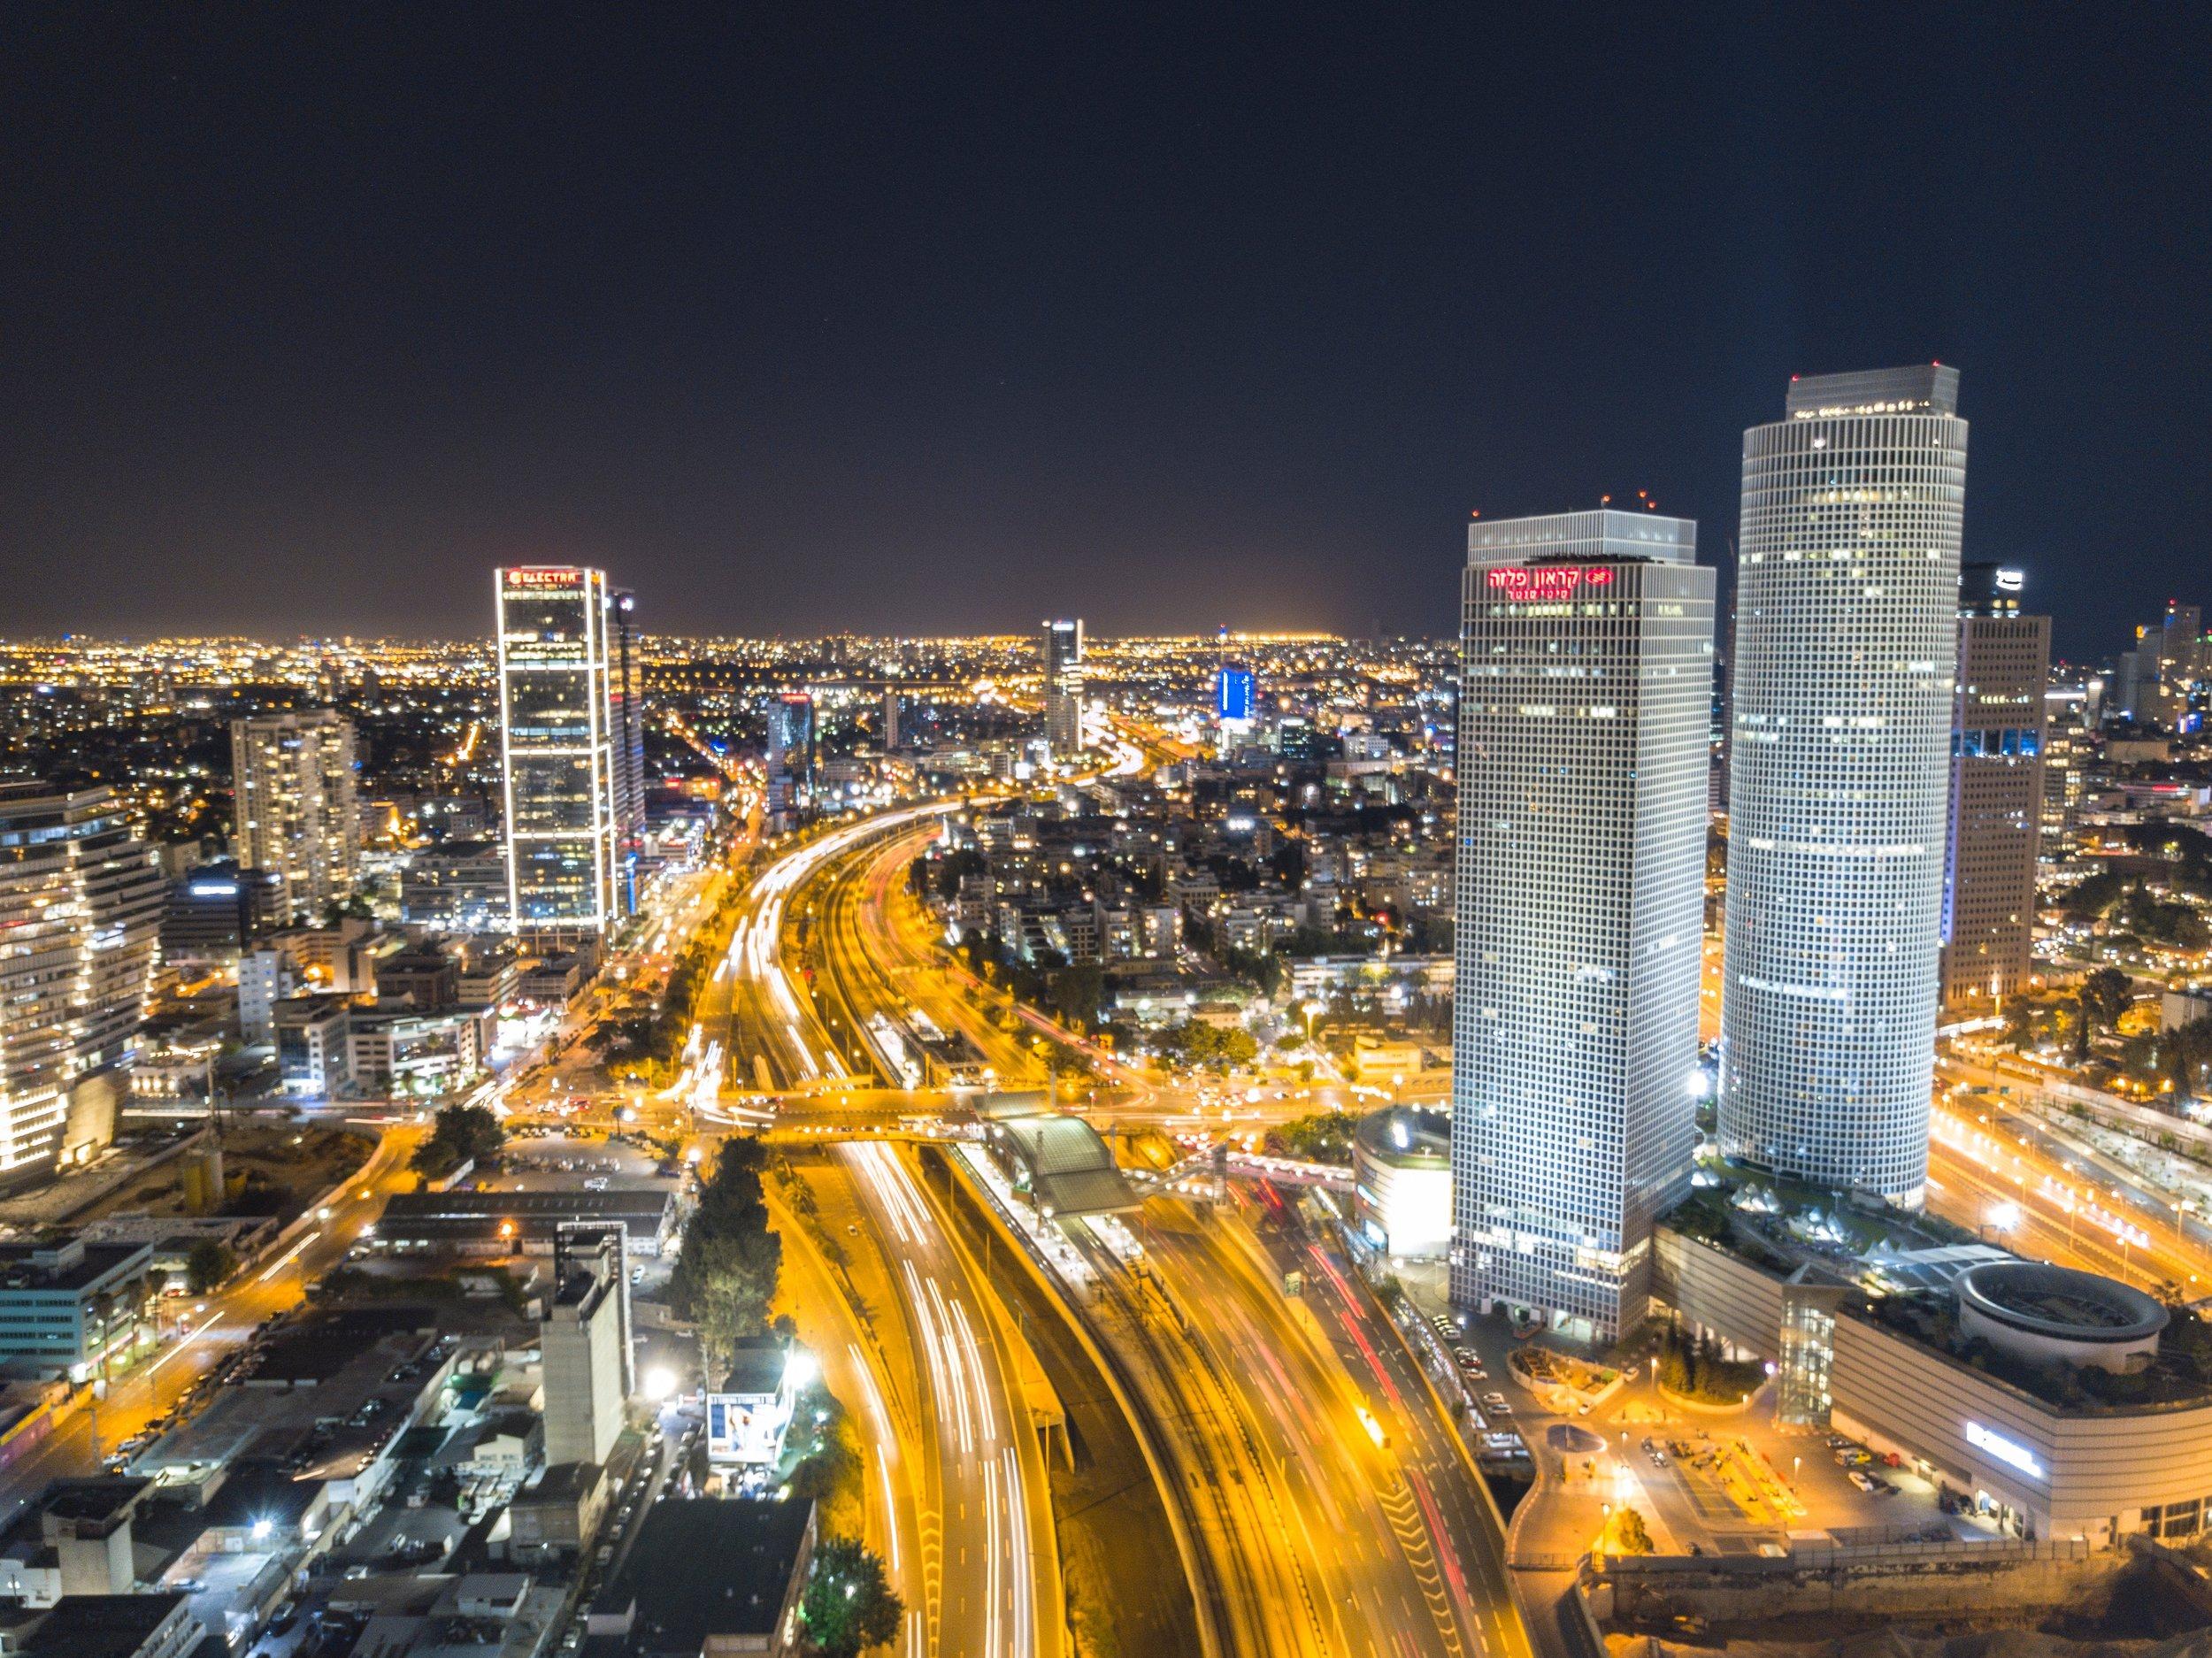 Tel_Aviv_shai-pal-PXnkmvUi_Wo-unsplash.jpg